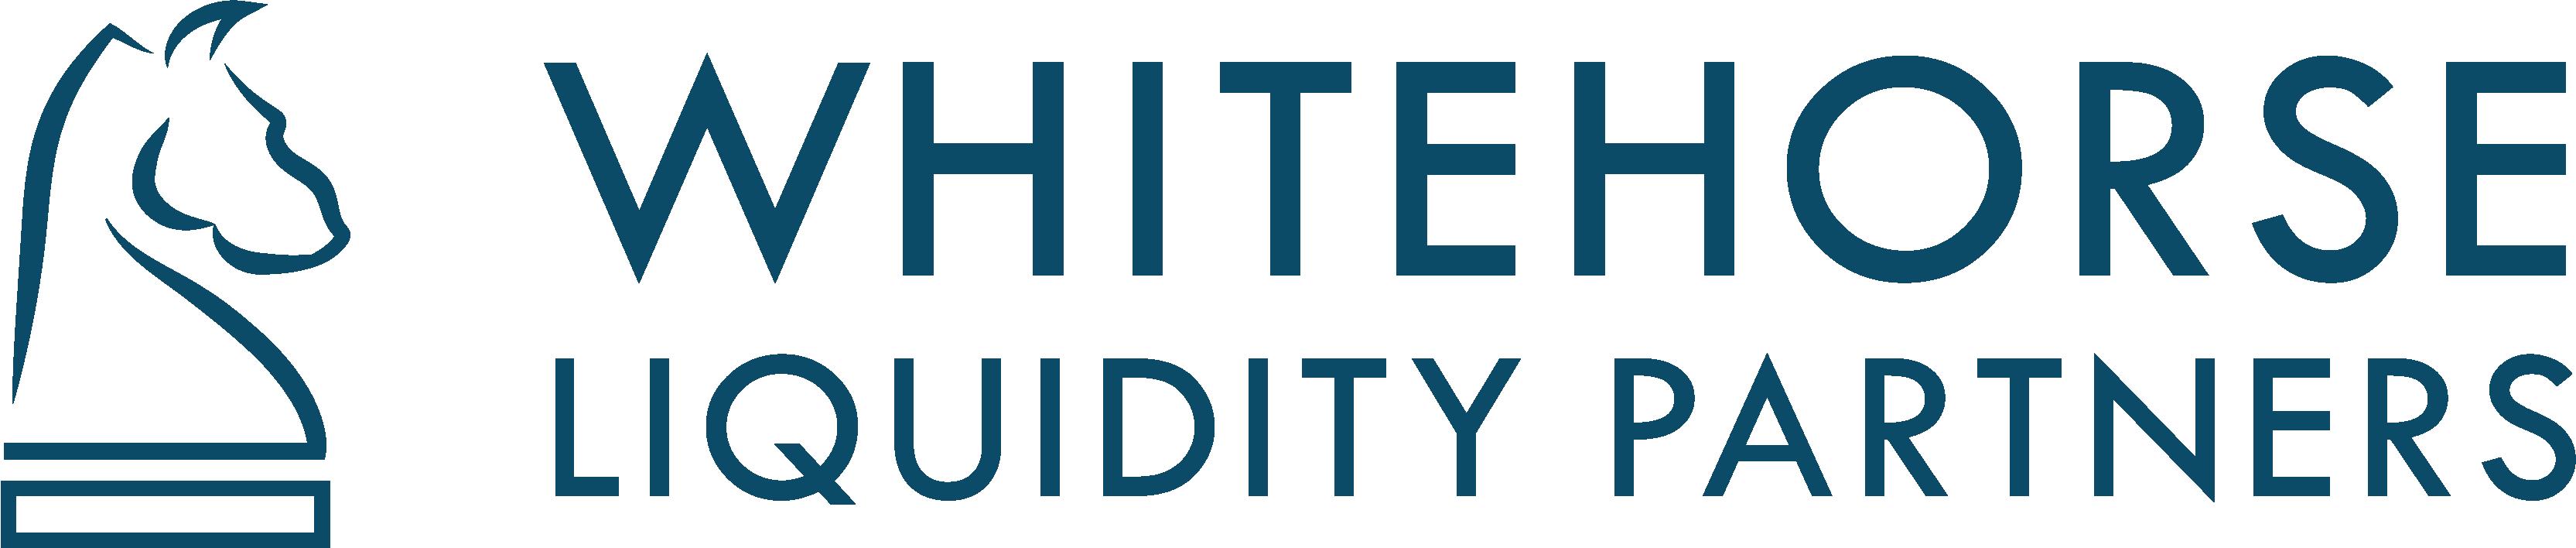 Whitehorse Liquidity Partners